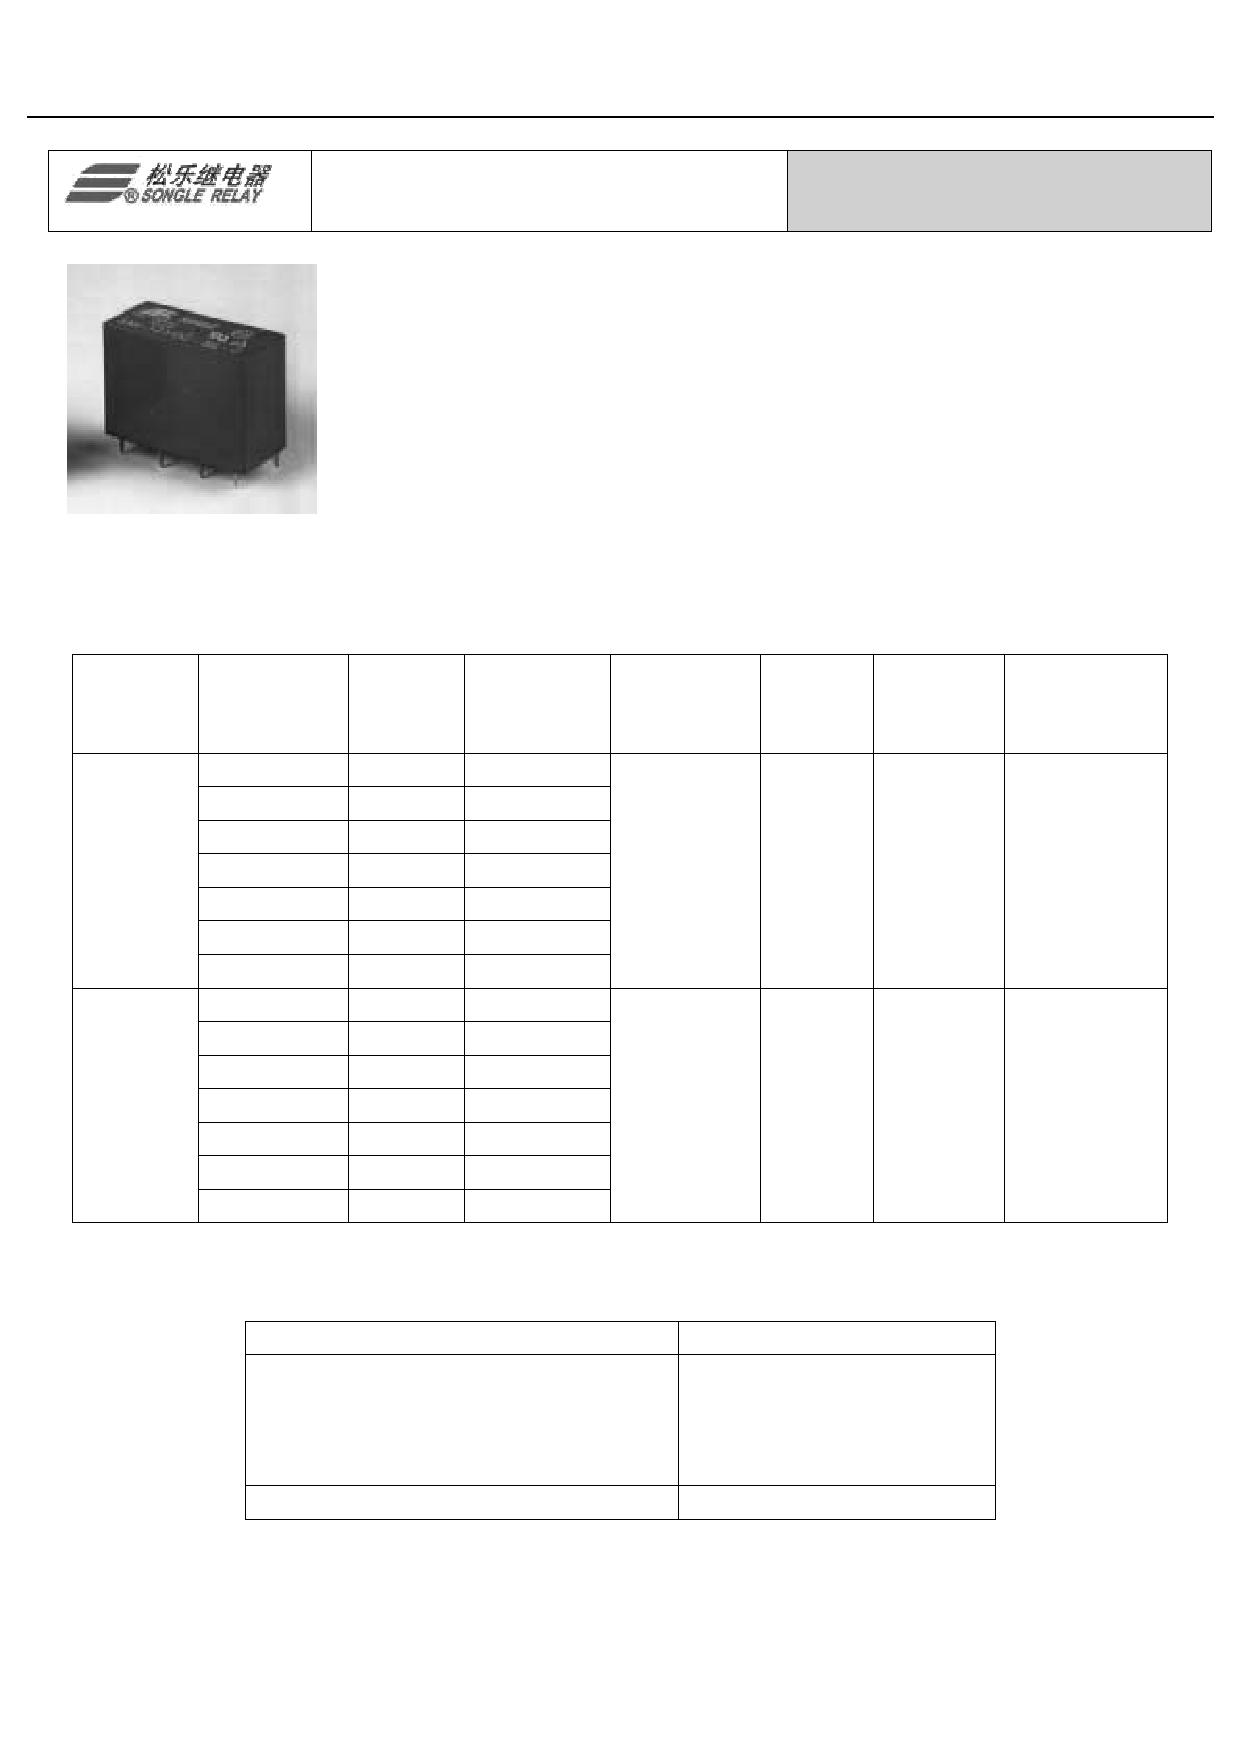 SMIH-12VDC-S-L-C datasheet image